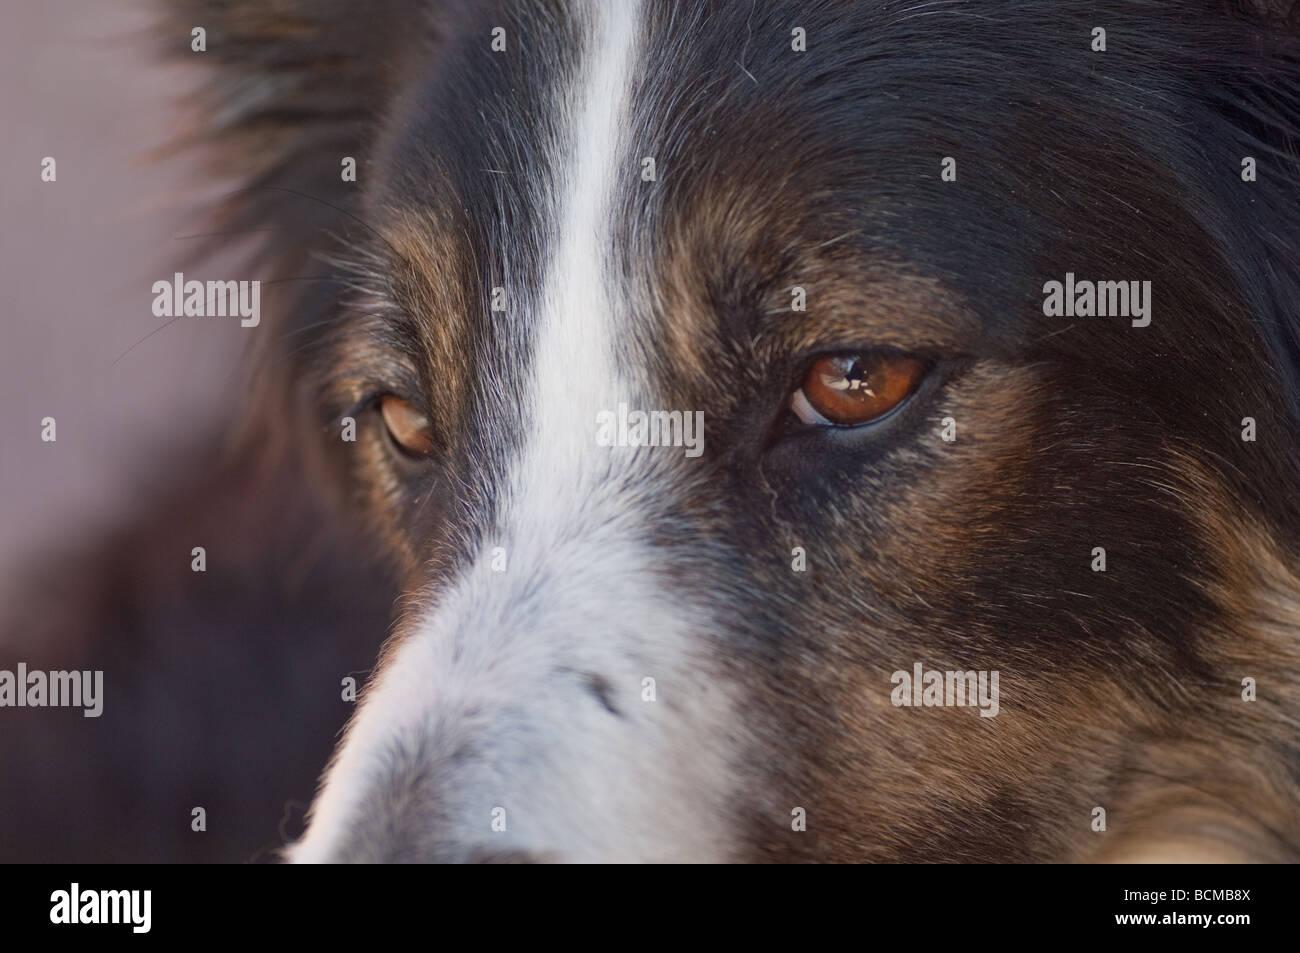 Cierre de un tri-color Border Collie con mirada seria en la cara. Este perro fue rescatado de un refugio para perros Imagen De Stock